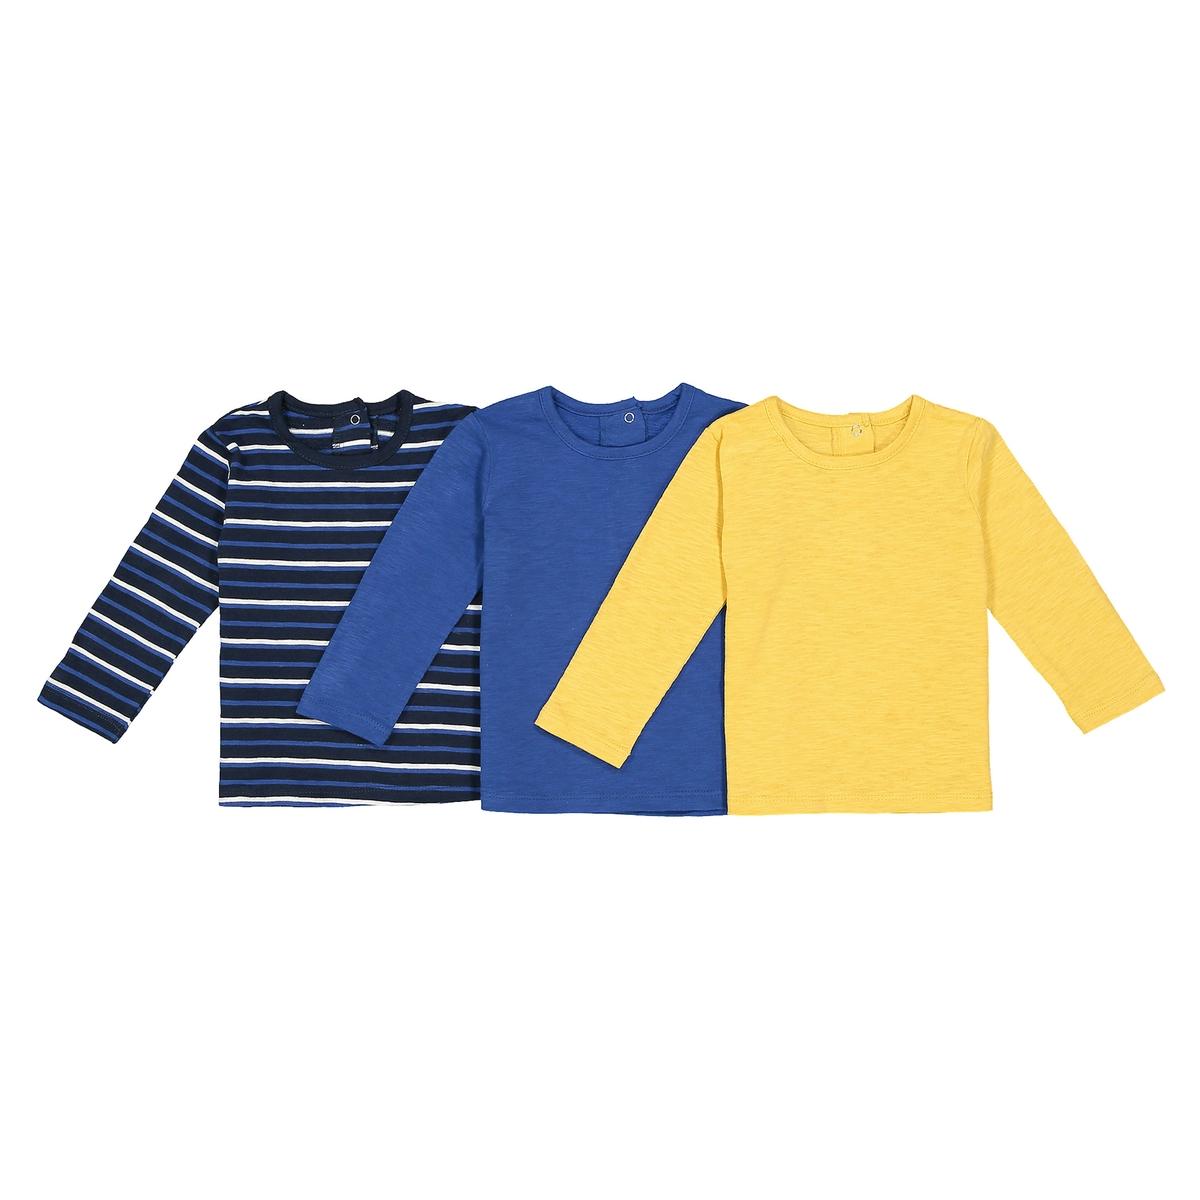 Комплект из 3 футболок с длинными рукавами - 1 мес. - 3 годаОписание:Детали •  Длинные рукава •  Круглый вырез •  Рисунок в полоску  Состав и уход •  100% хлопок •  Температура стирки 30° • Барабанная сушка на слабом режиме   •  Низкая температура глажки<br><br>Цвет: в полоску + желтый + синий<br>Размер: 3 года - 94 см.2 года - 86 см.18 мес. - 81 см.1 год - 74 см.9 мес. - 71 см.6 мес. - 67 см.3 мес. - 60 см.1 мес. - 54 см